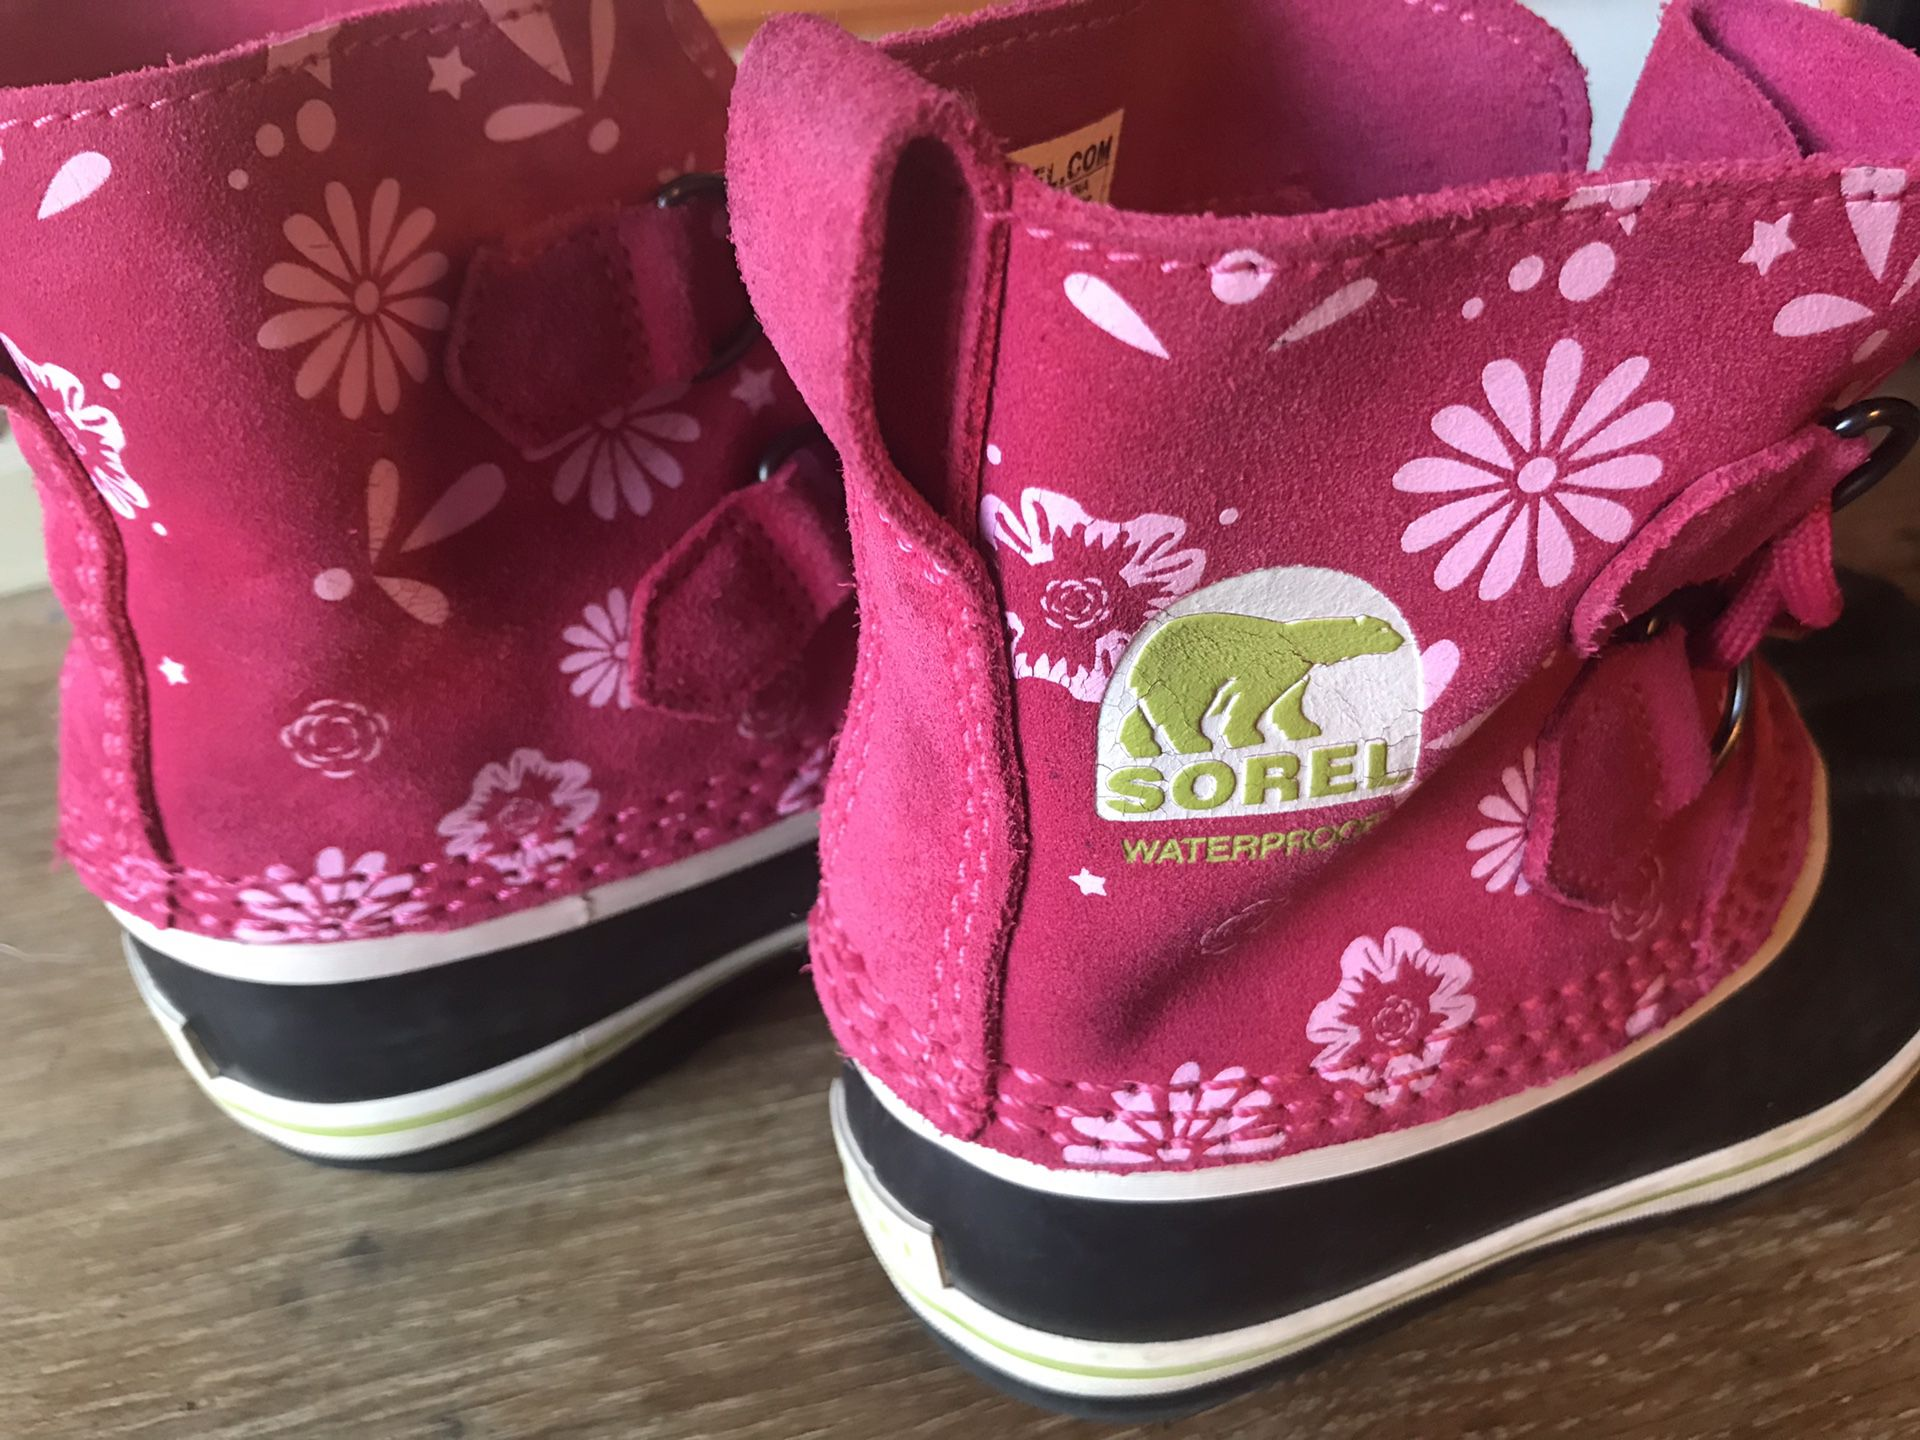 Sorel girls waterproof boots